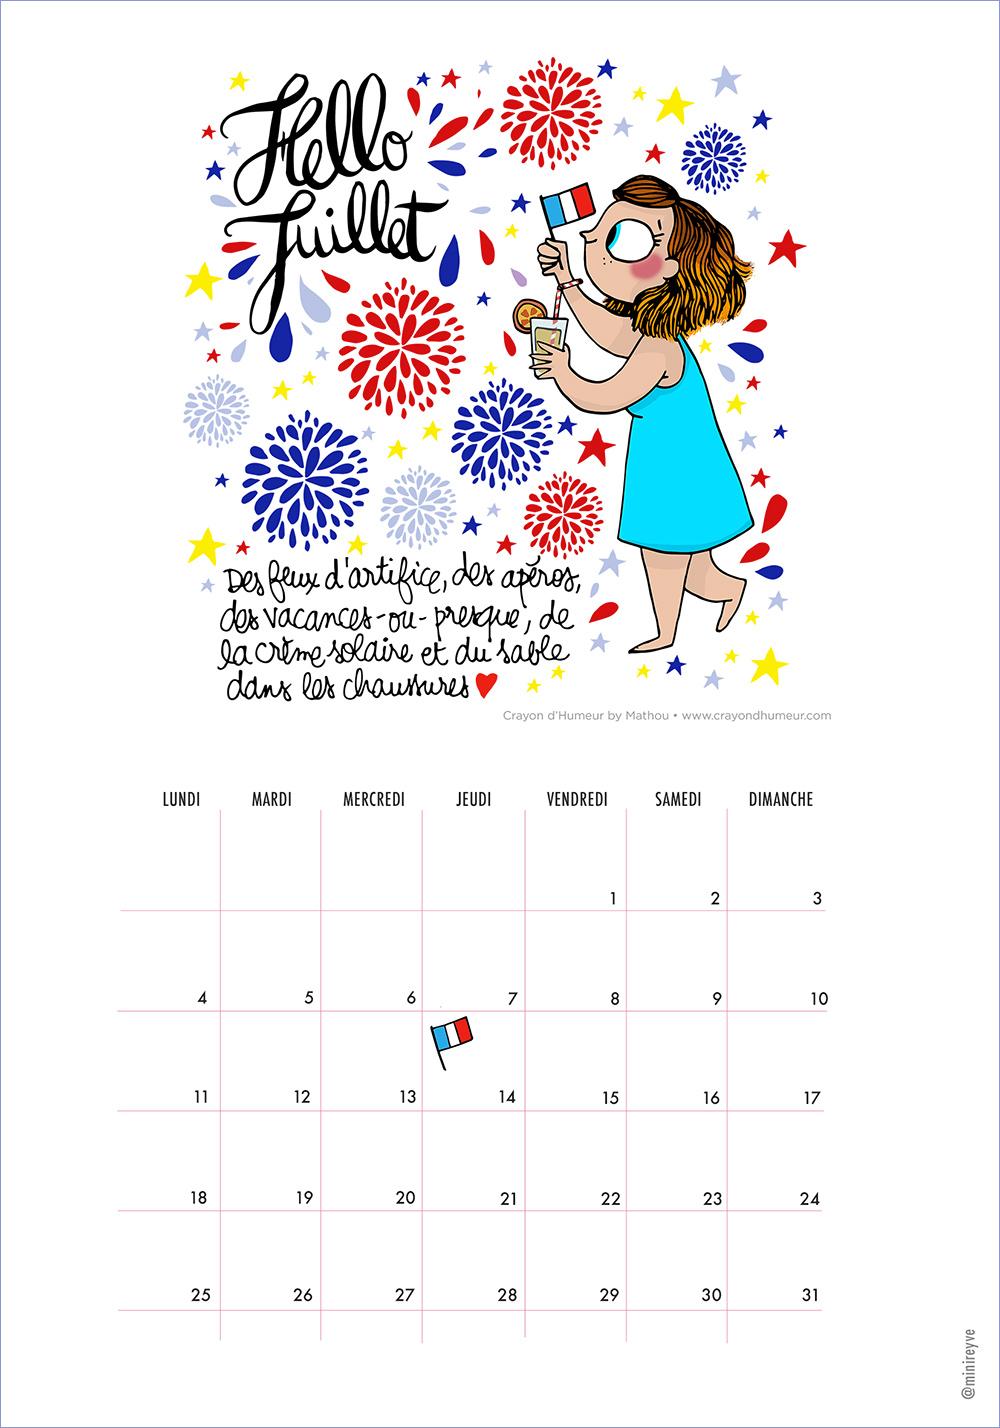 calendrier-juillet-minireyve-mathou